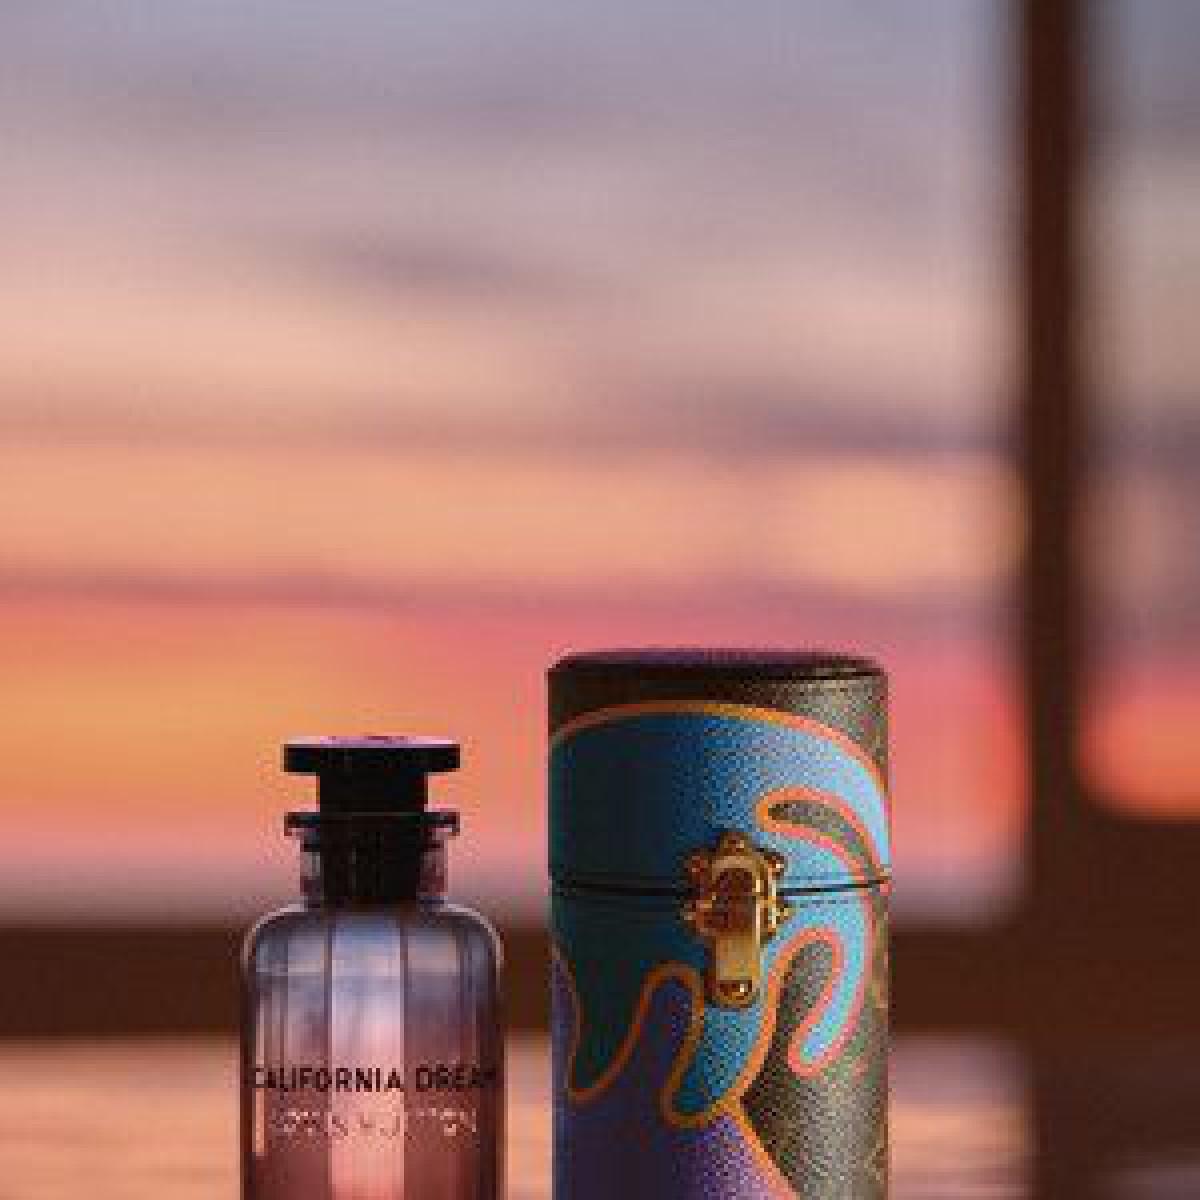 「ルイ・ヴィトン」新作香水はカリフォルニアのサンセットをイメージ、マンダリンやアンブレットシードを調香